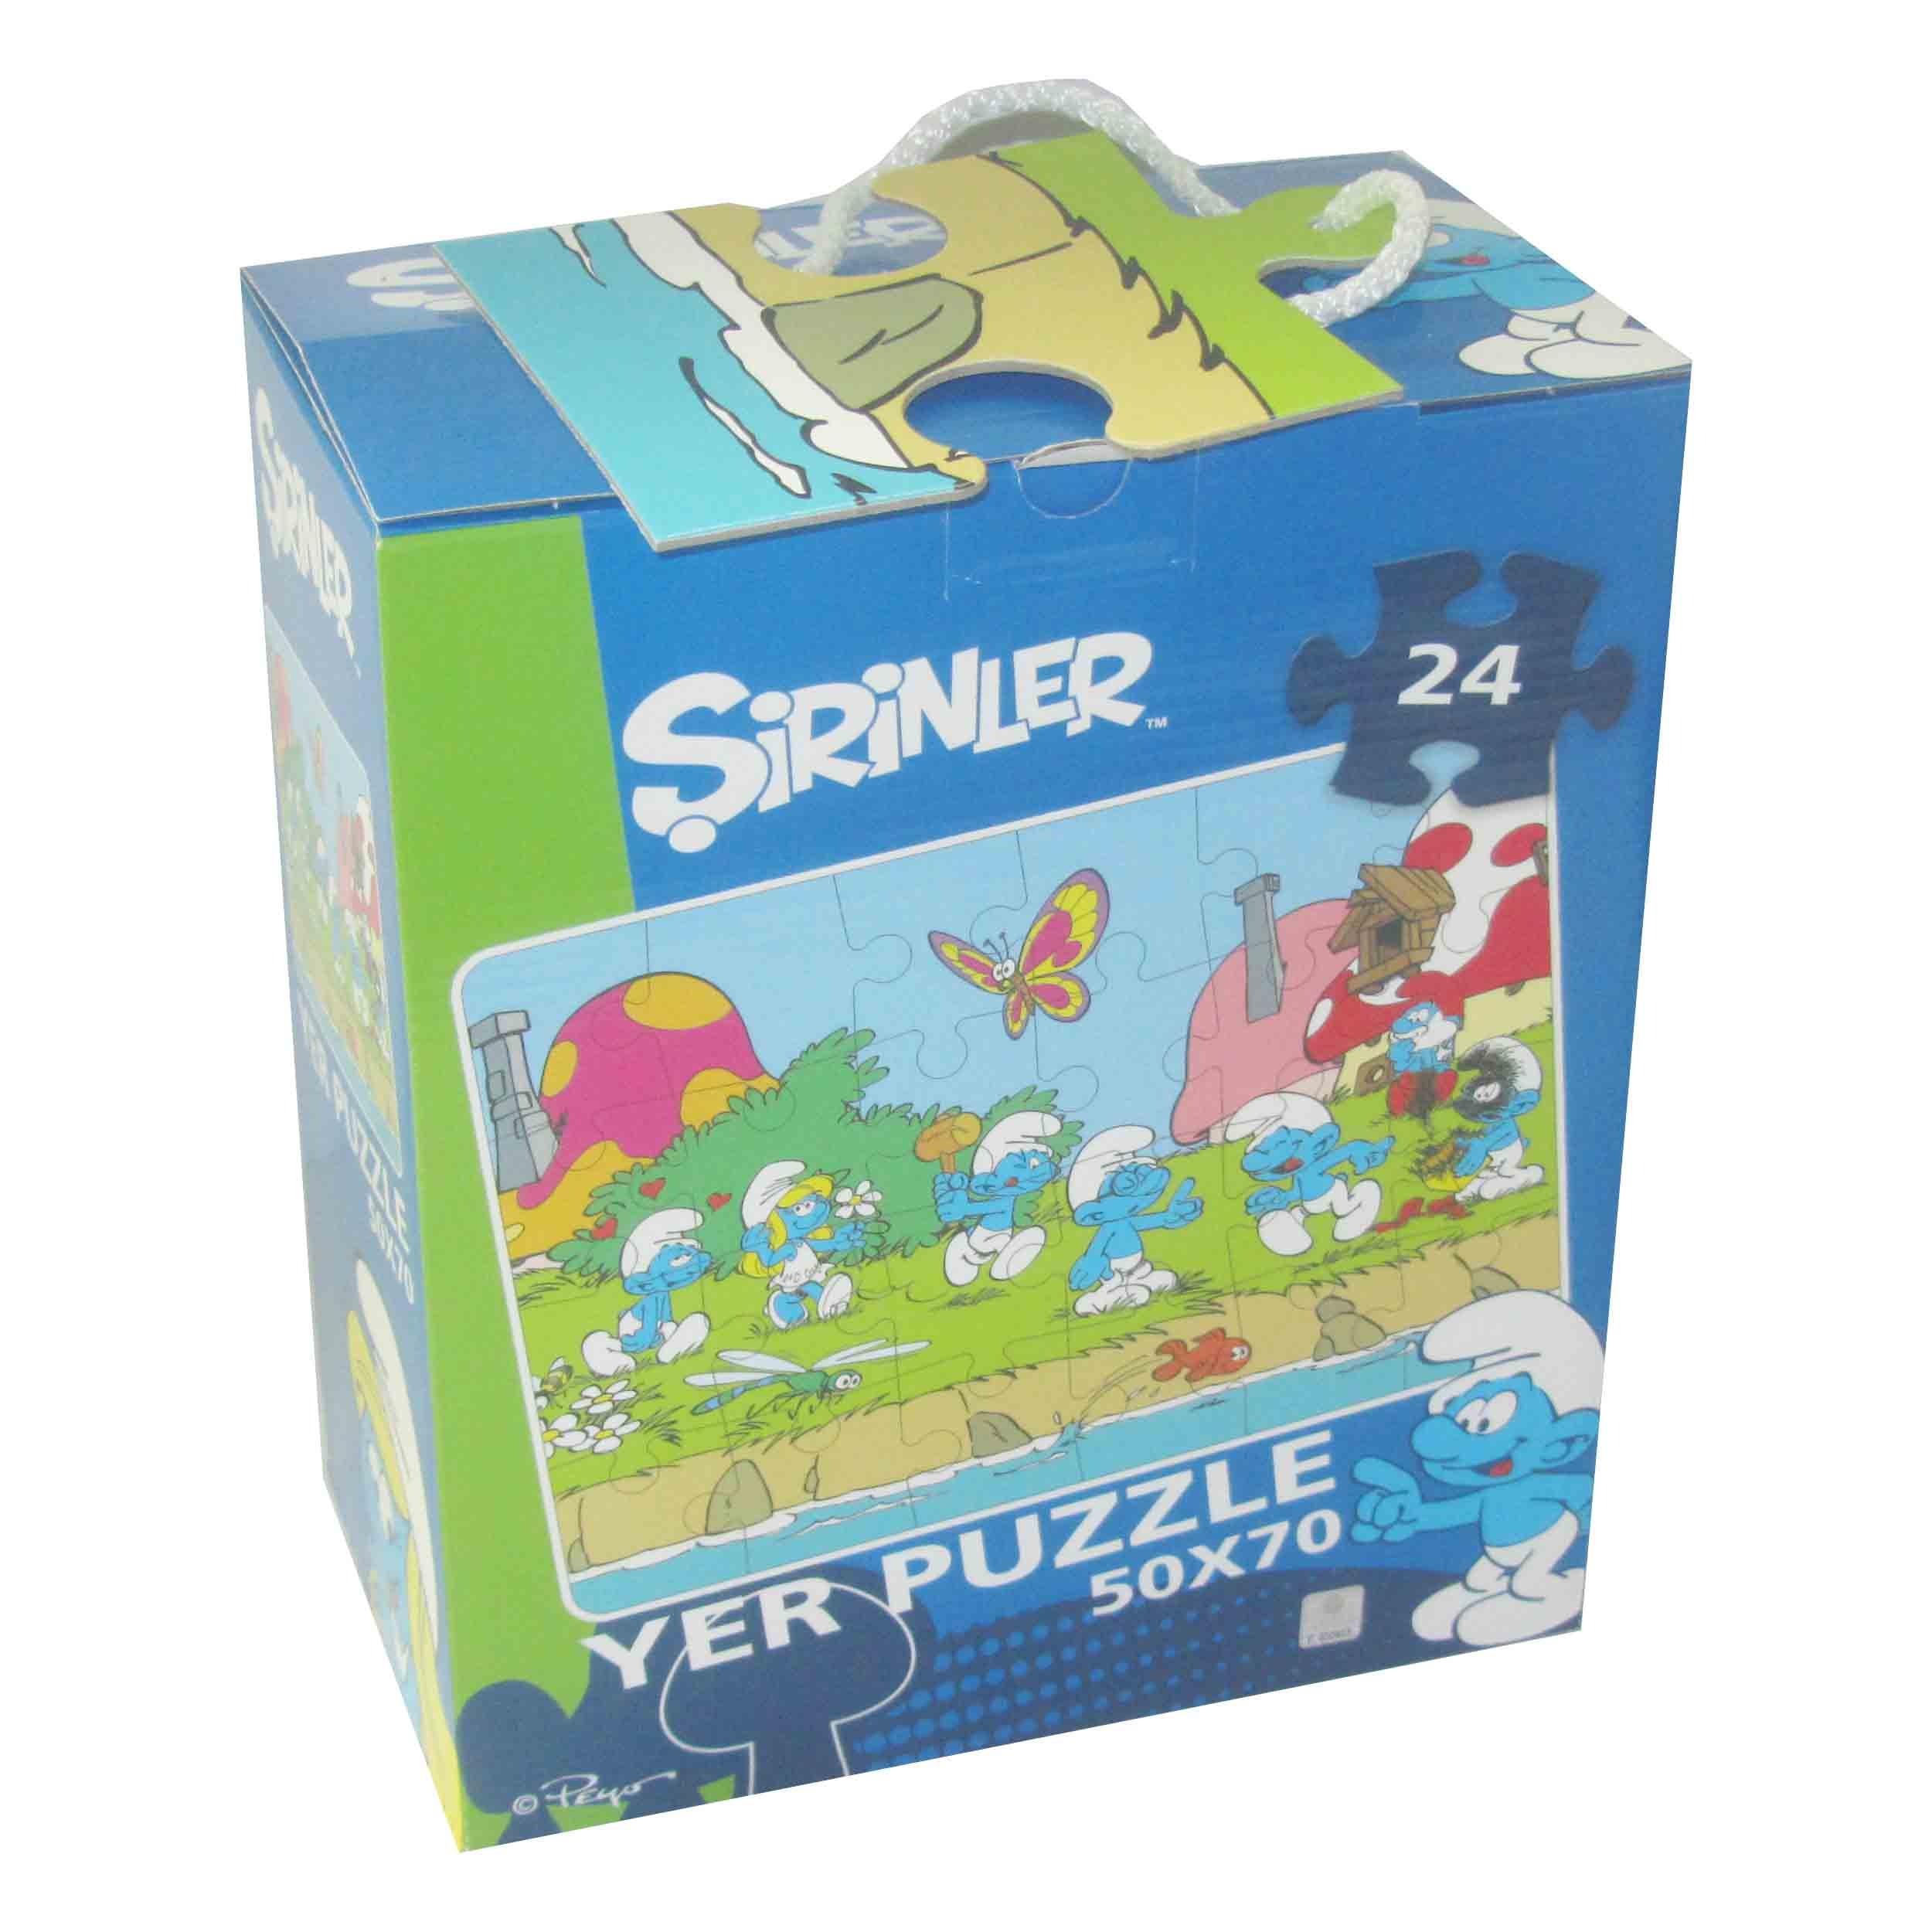 24 Parça Puzzle - Şirinler Yer Puzzle </br>  Puzzle L 75263